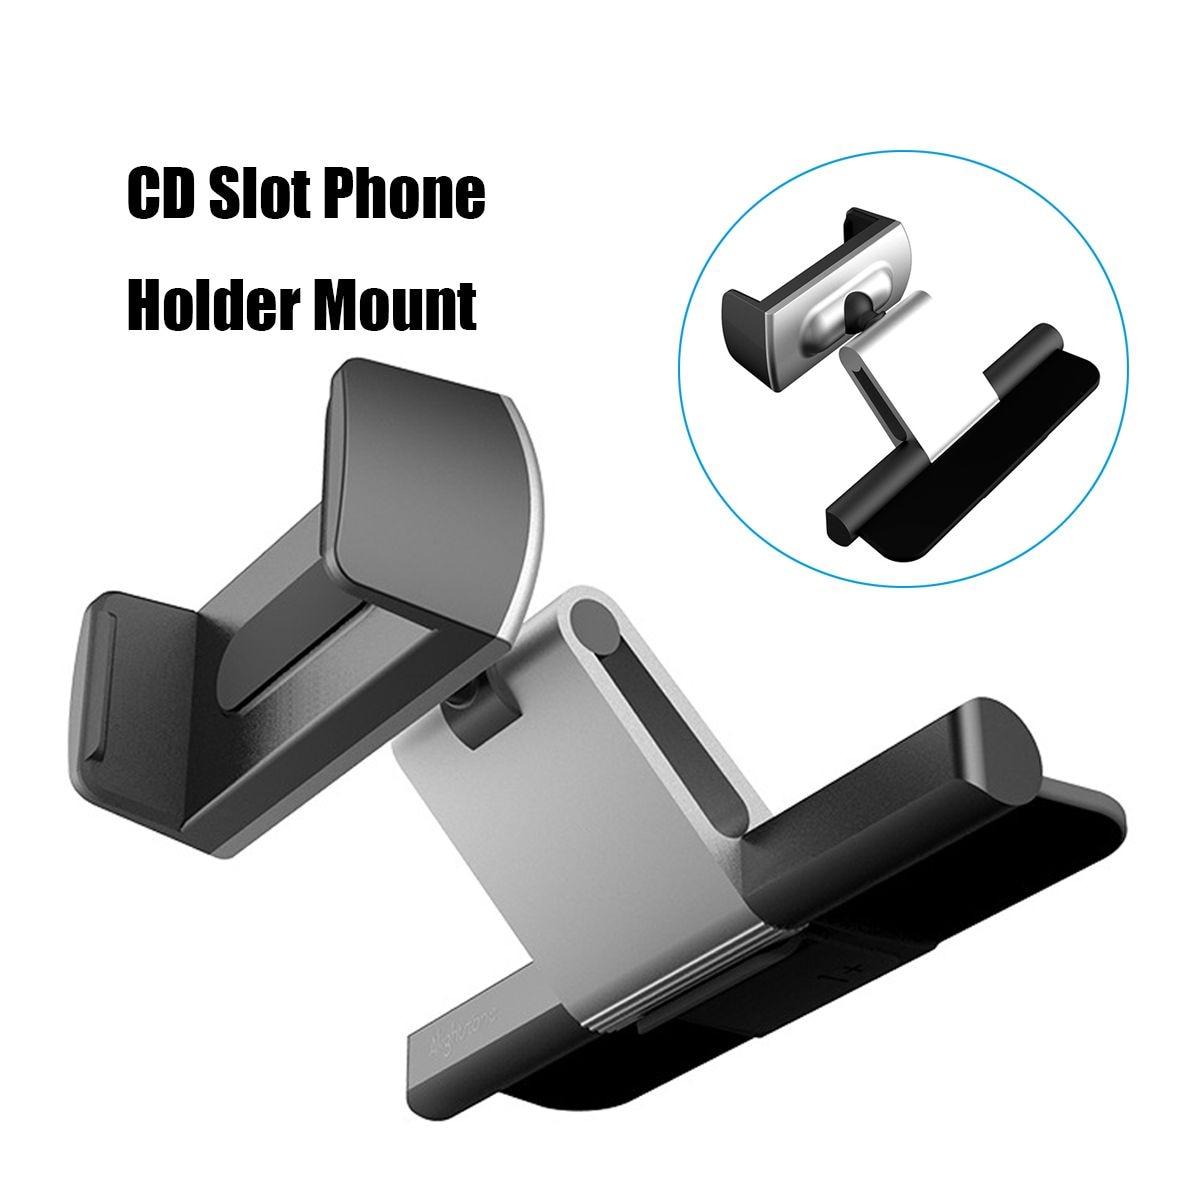 Support universel de support de support de téléphone portable de support de berceau de bâti de fente de CD de voiture en aluminium pour l'iphone X pour le support gps de voiture de Samsung